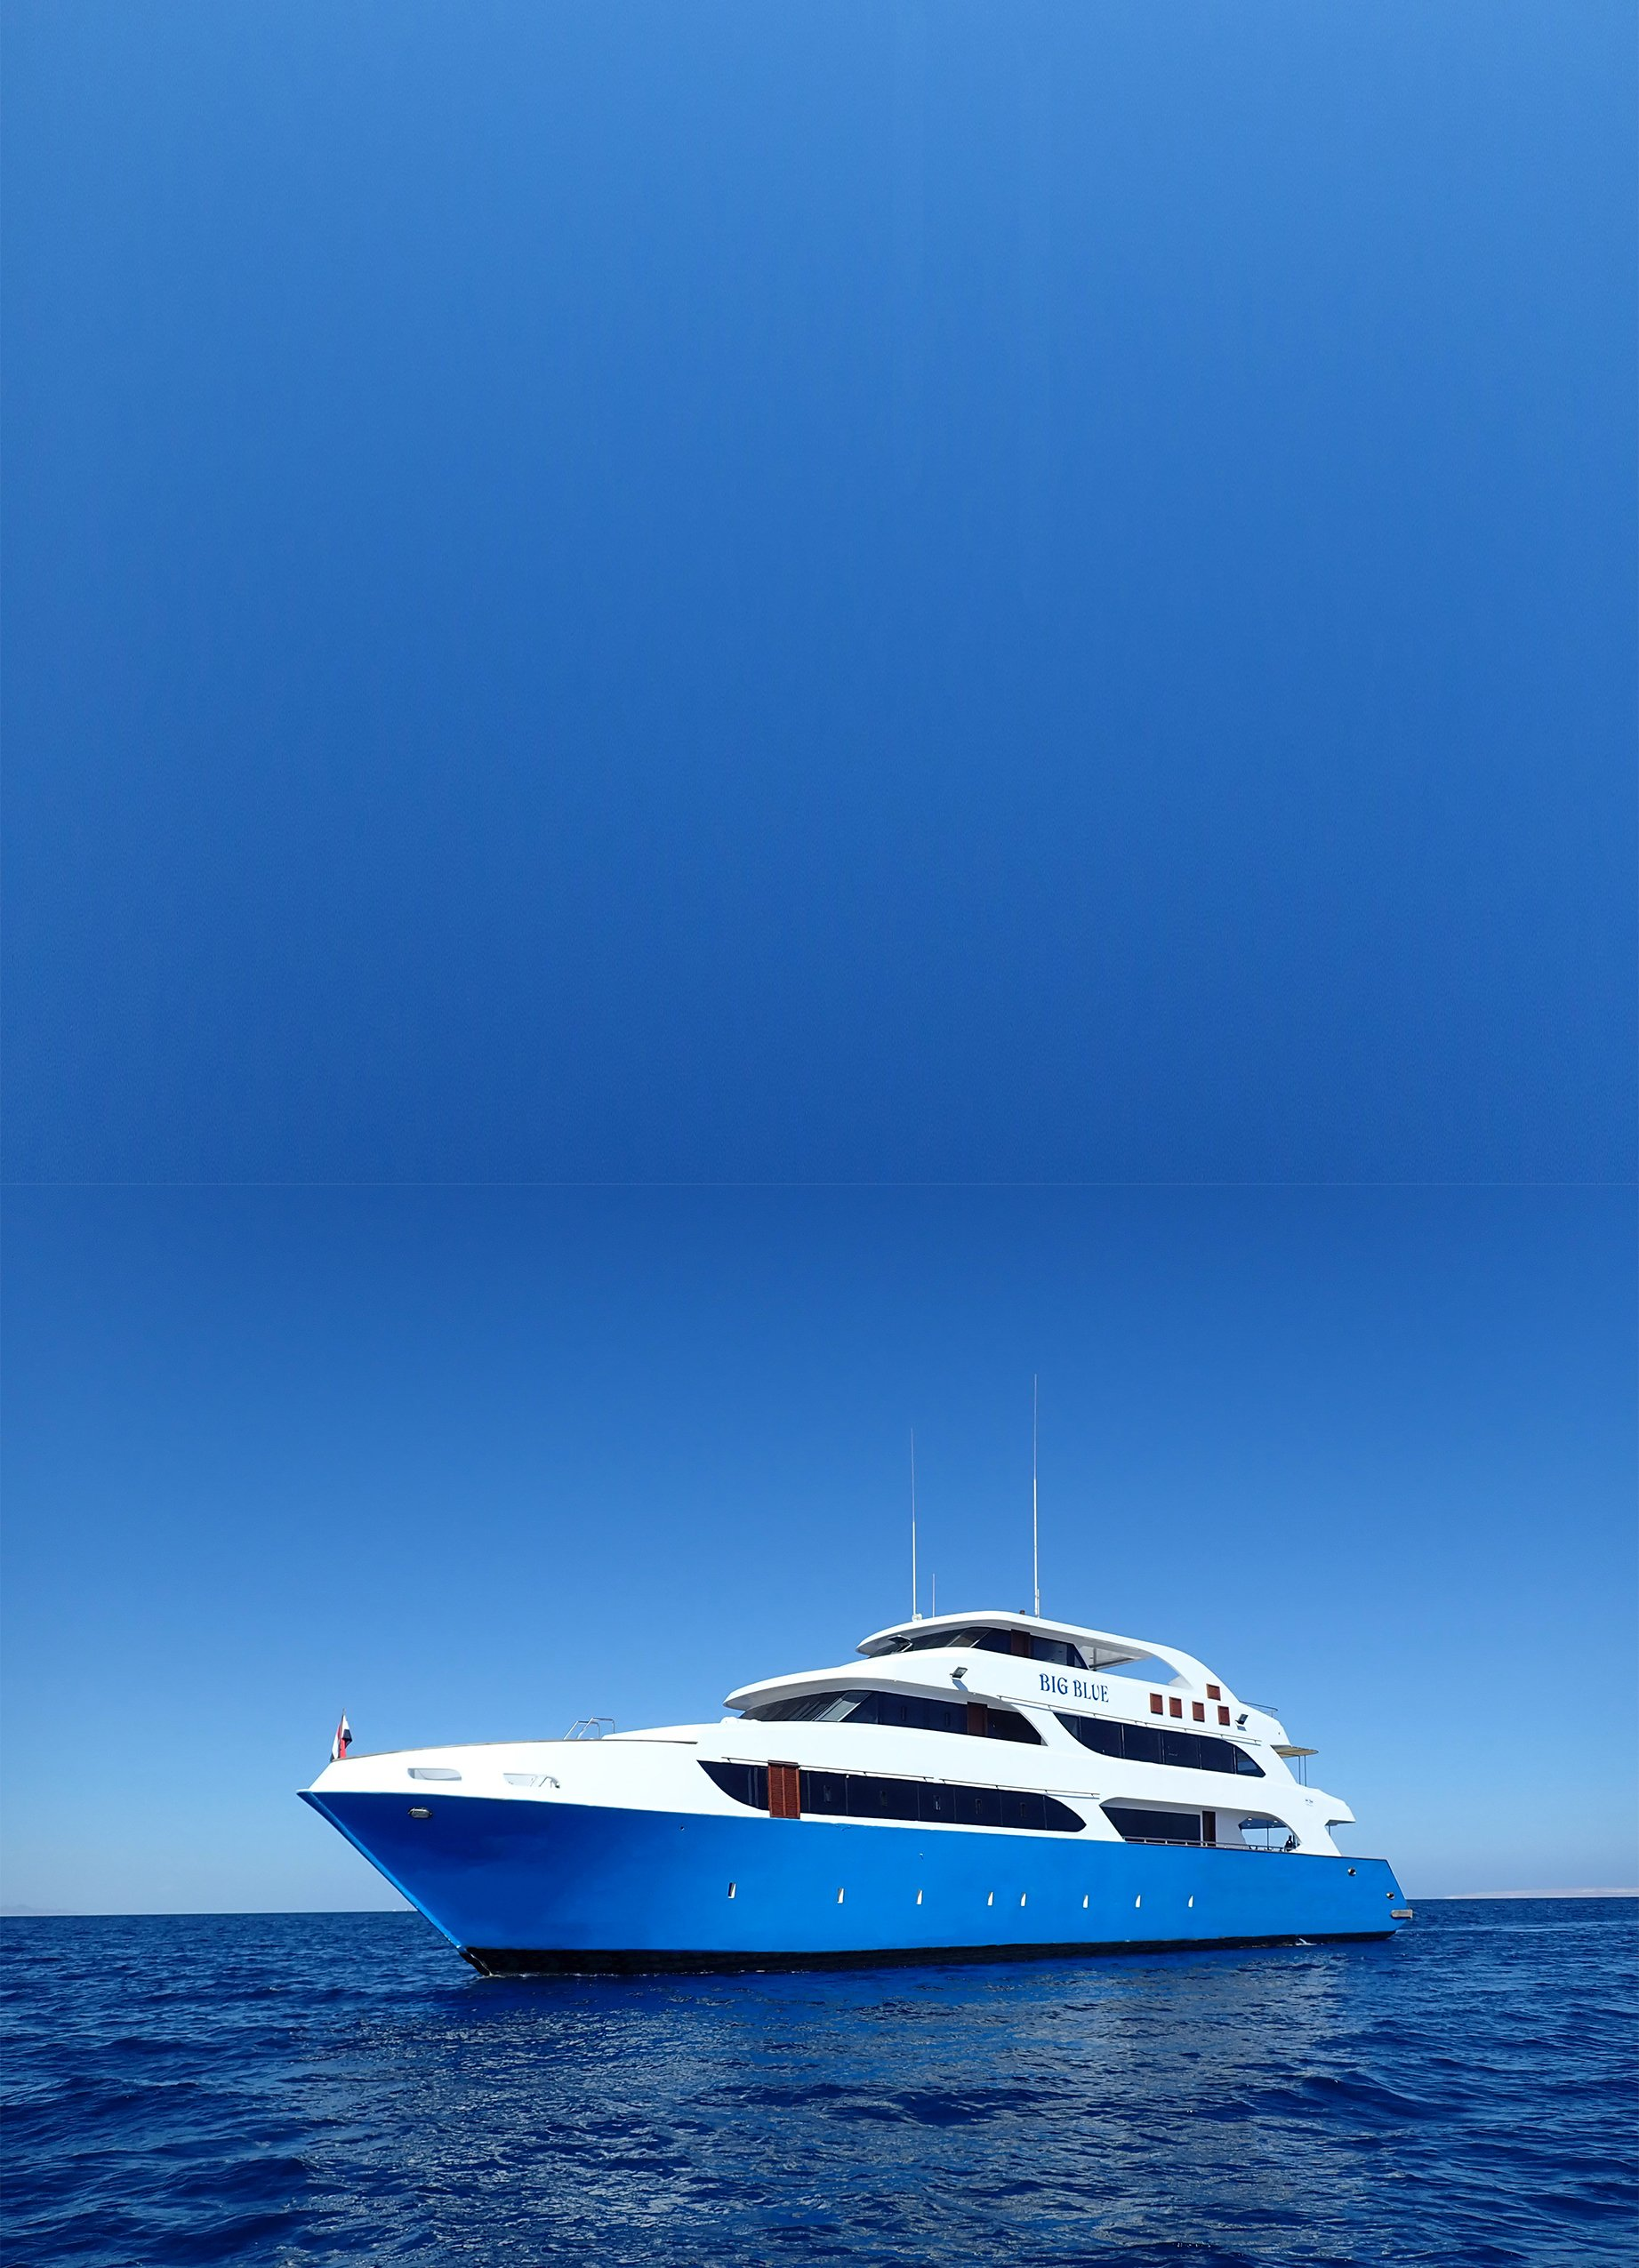 mv big blue egypt liveaboard diving